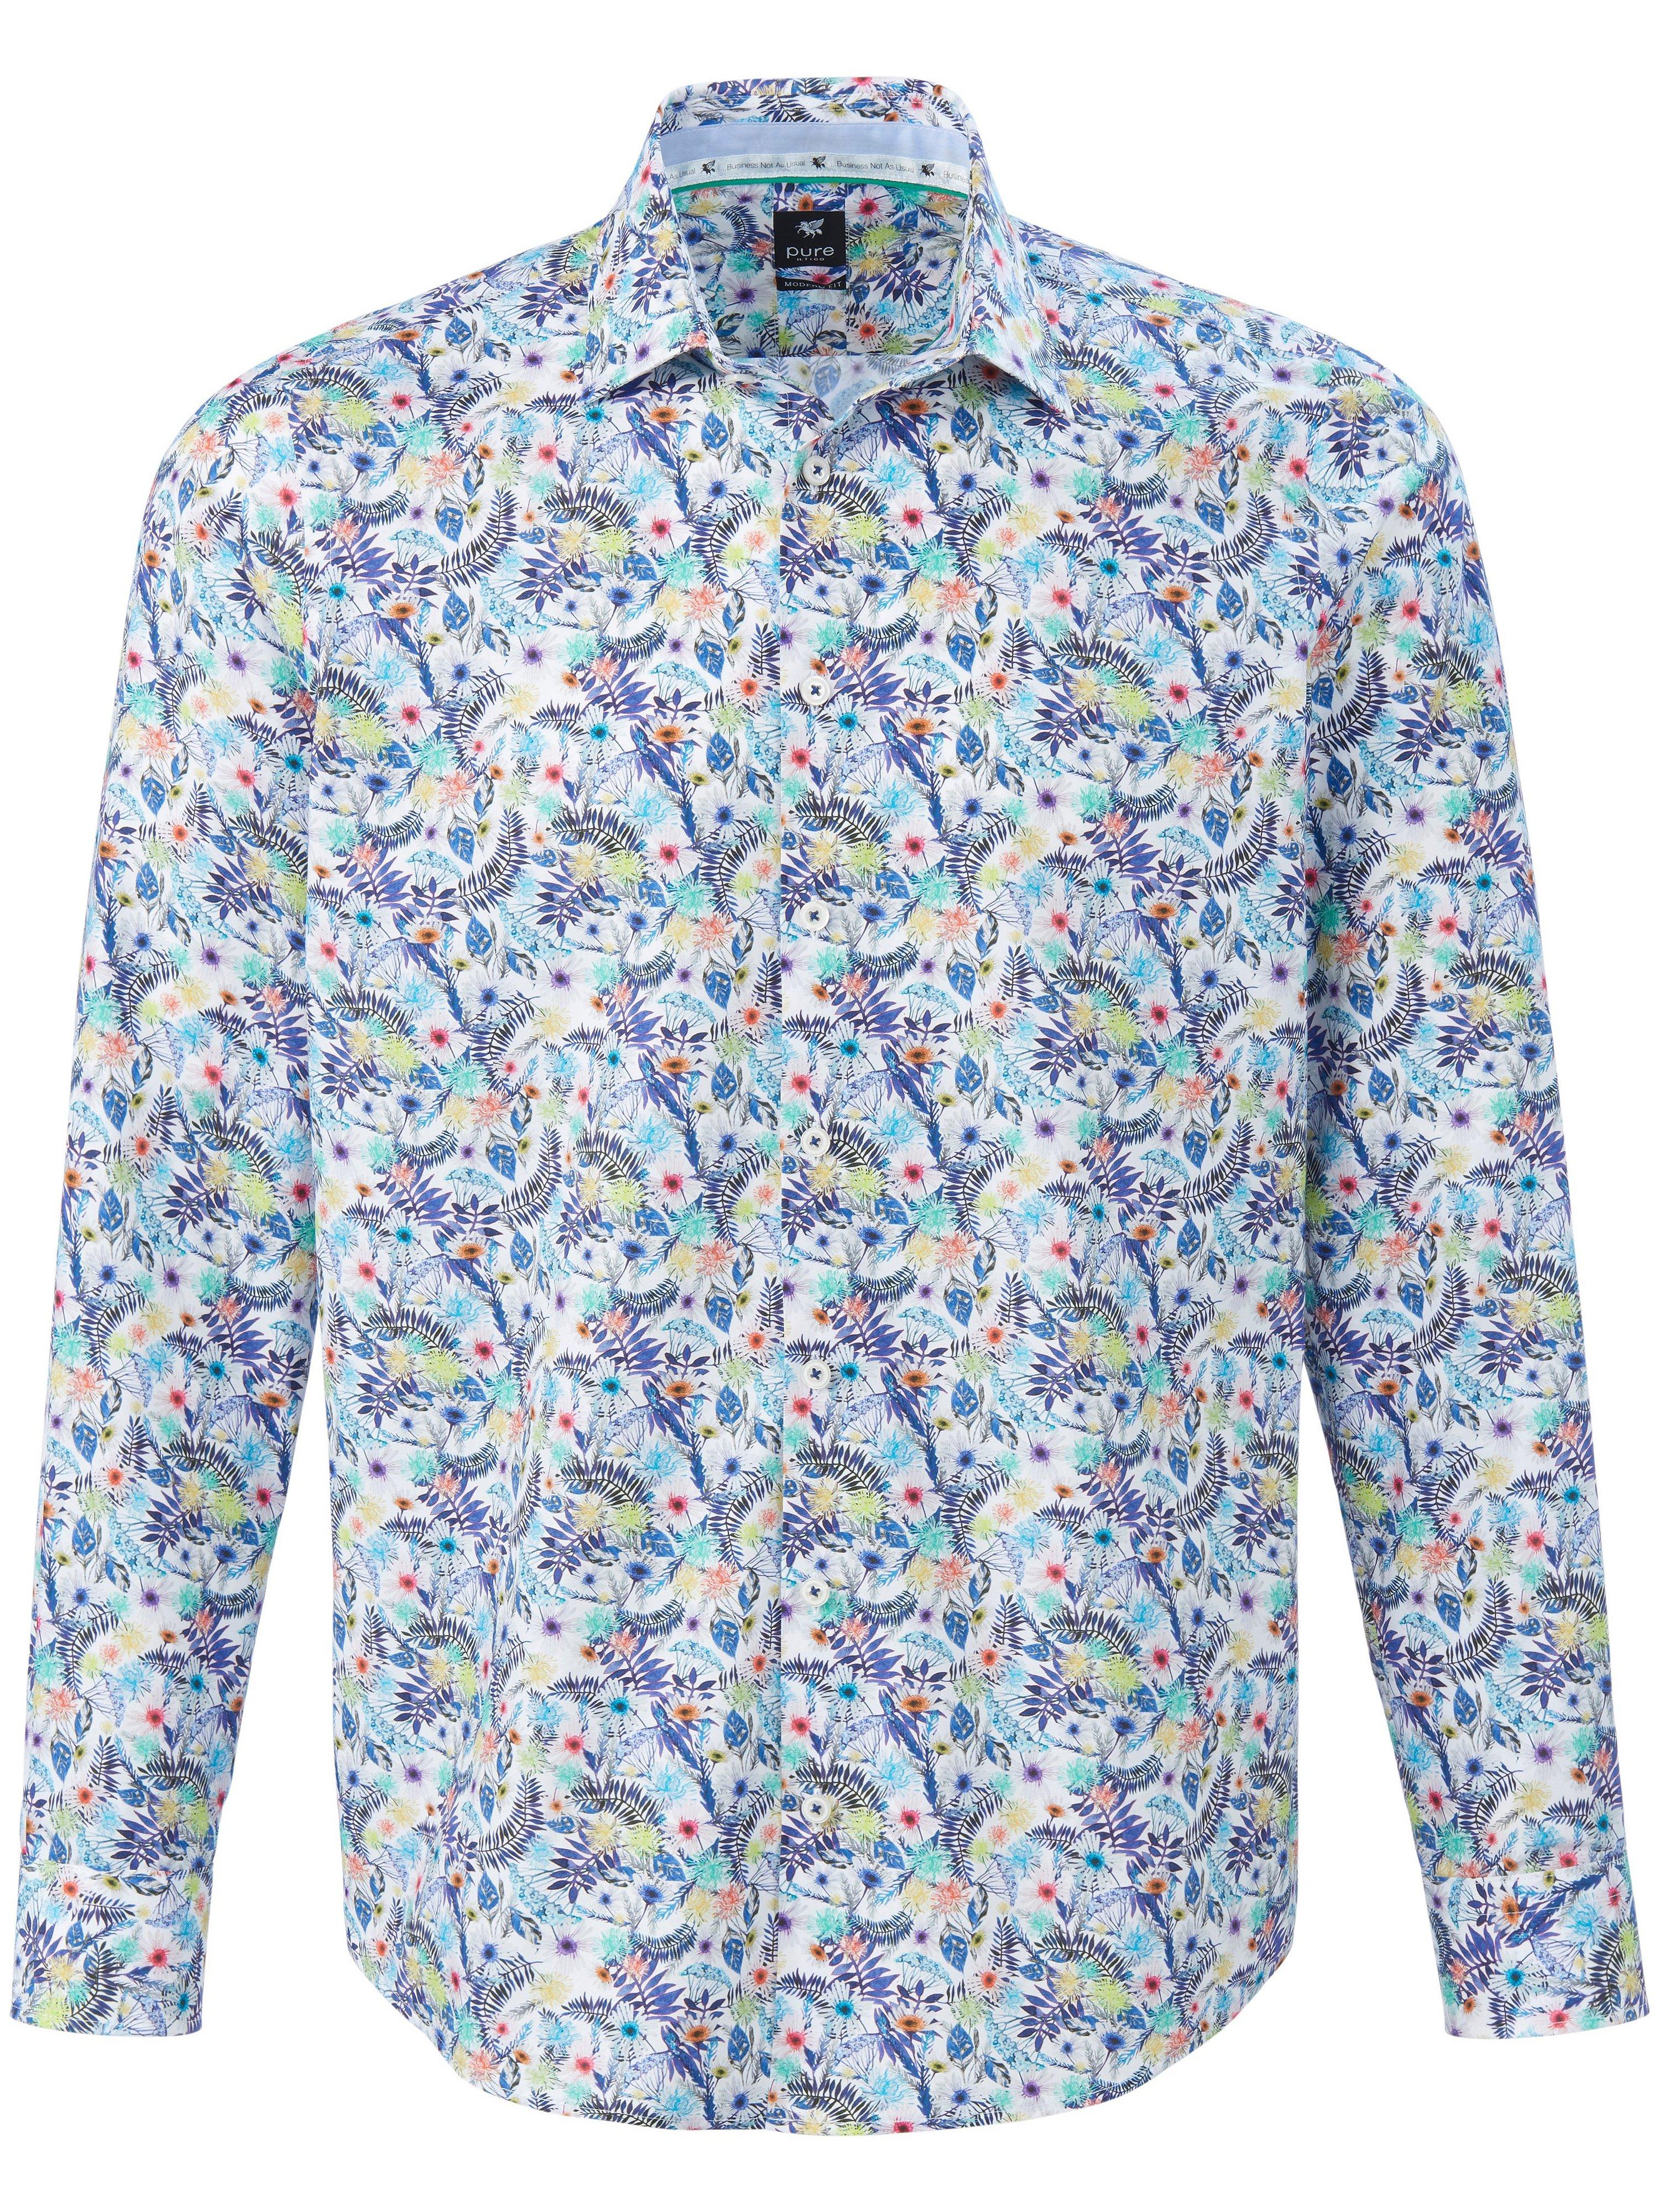 Overhemd 100% katoen Van Pure multicolour